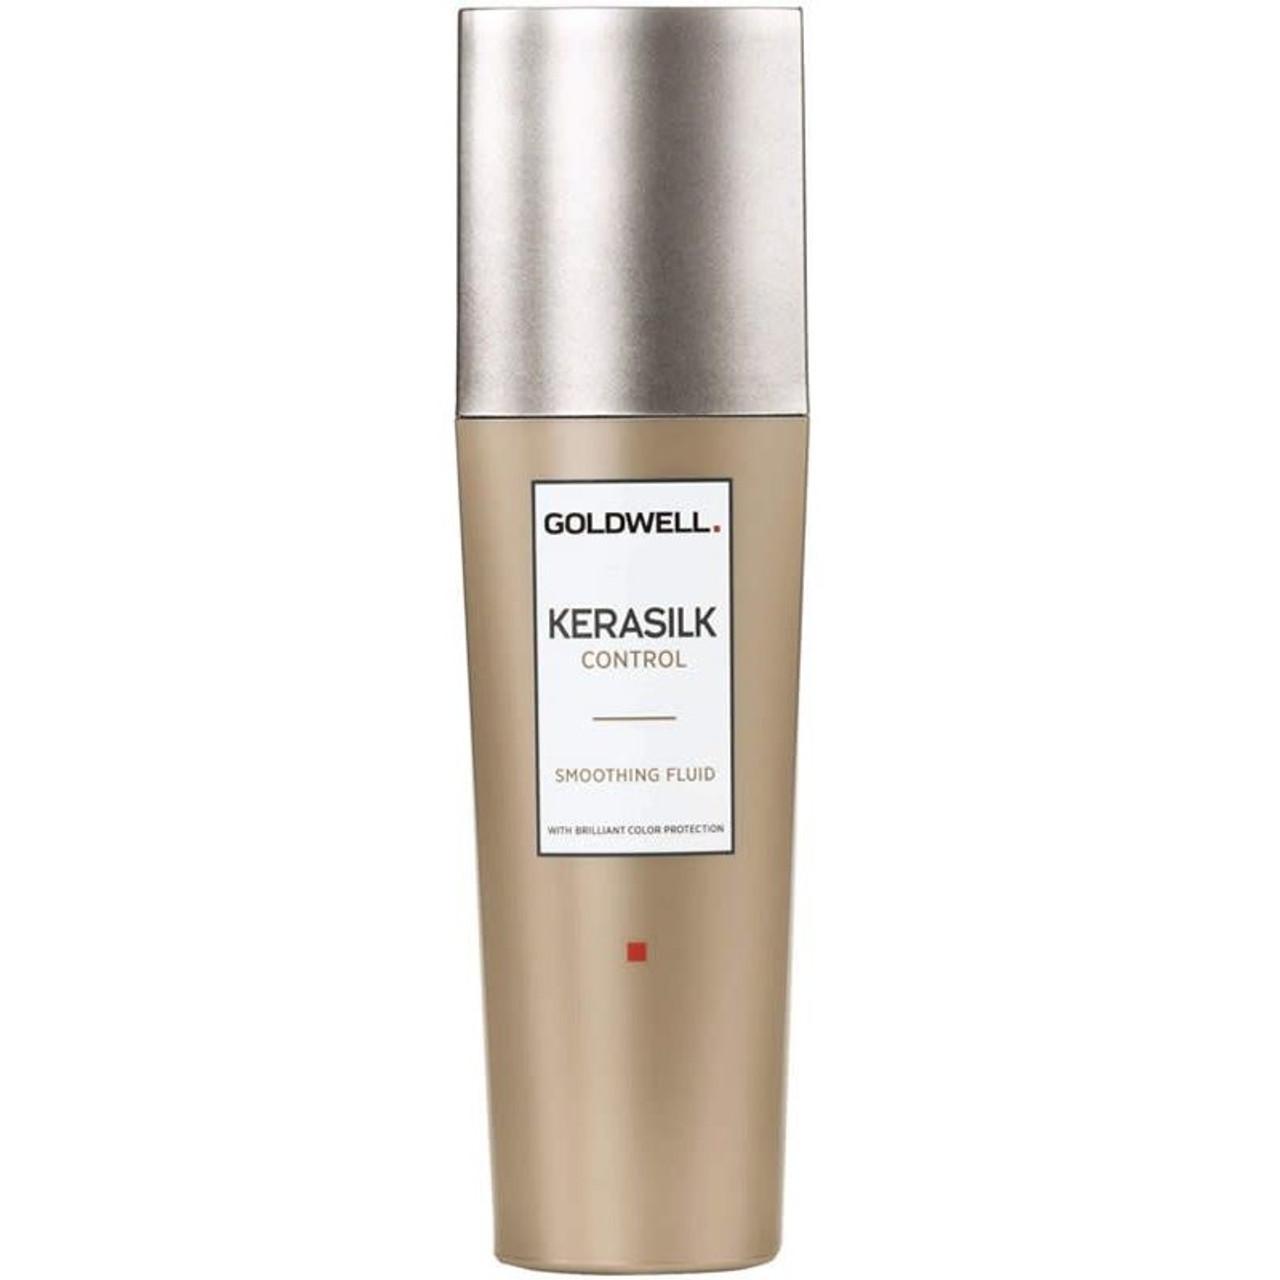 Goldwell Kerasilk Control Smoothing Fluid 2.5 oz